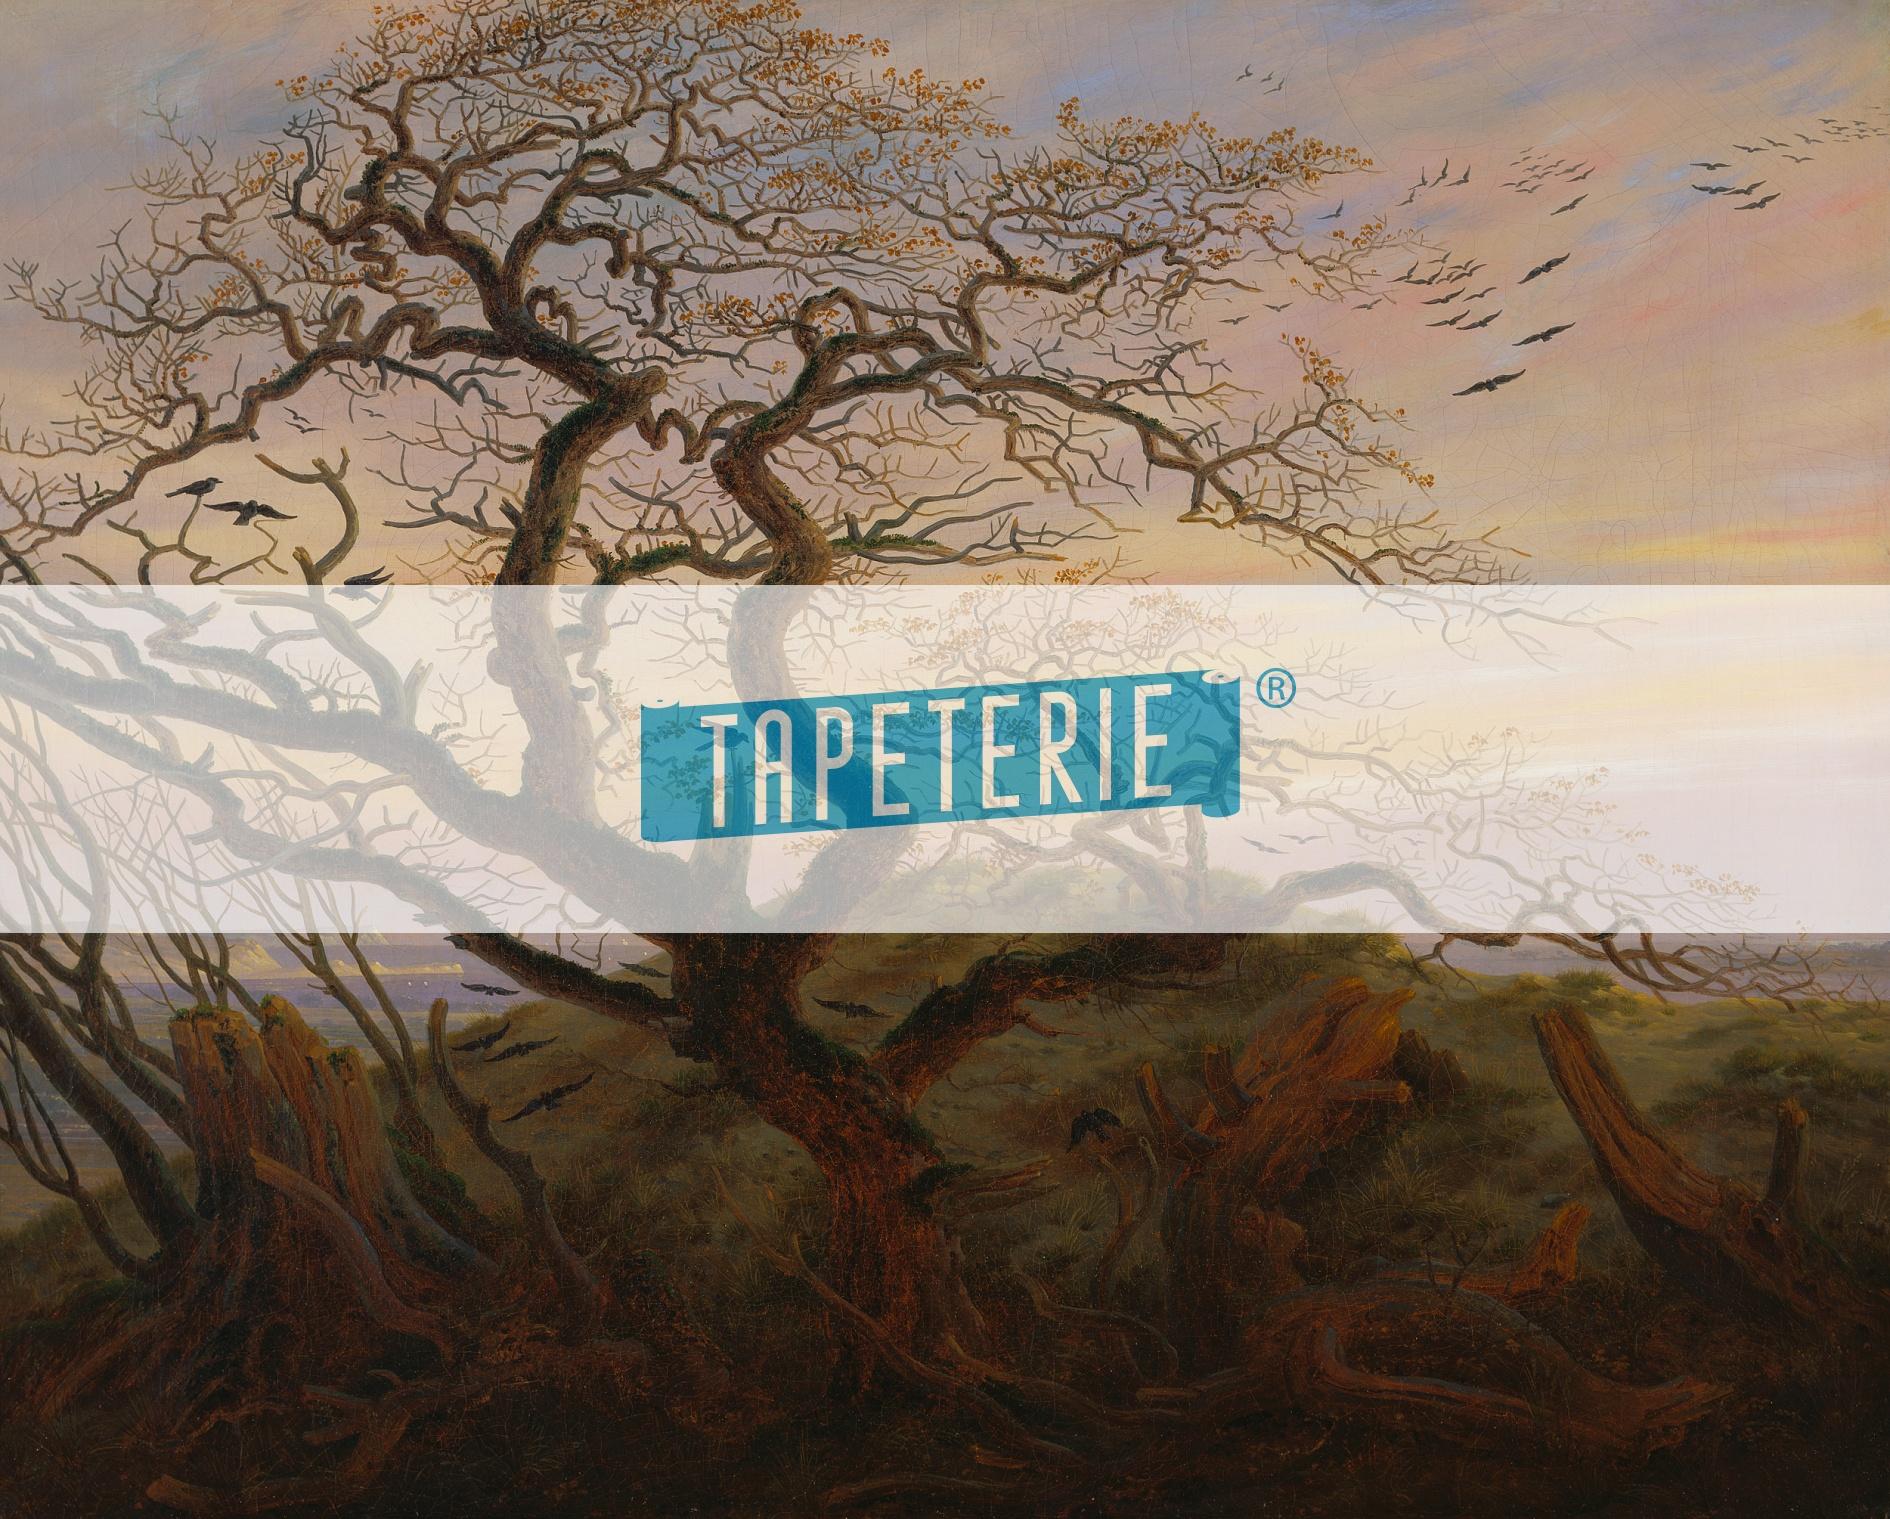 Kunst tapete rabenbaum caspar david friedrich tapeterie for Kunst tapete